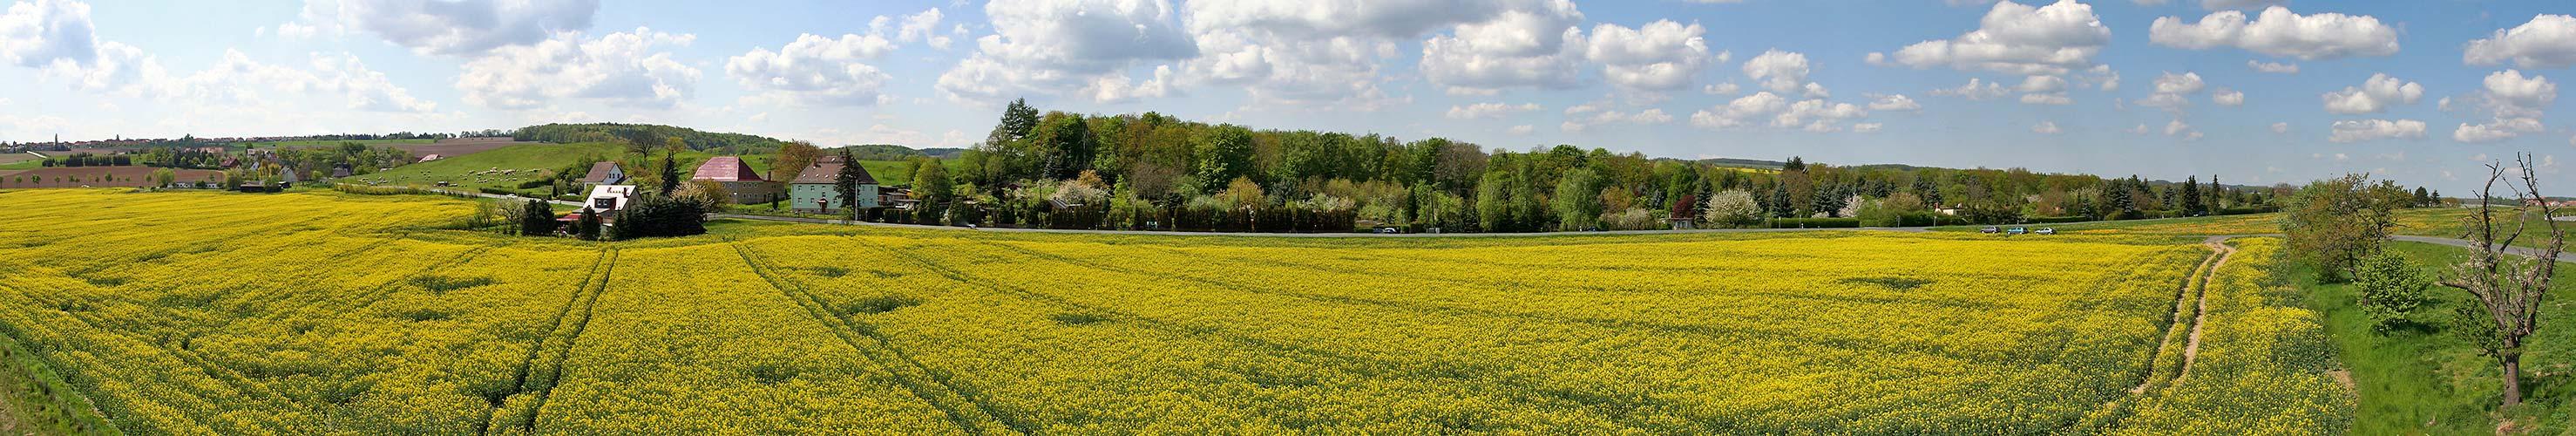 Rapsfeld und das Gebiet wo die Grünfinken und andere wohnen